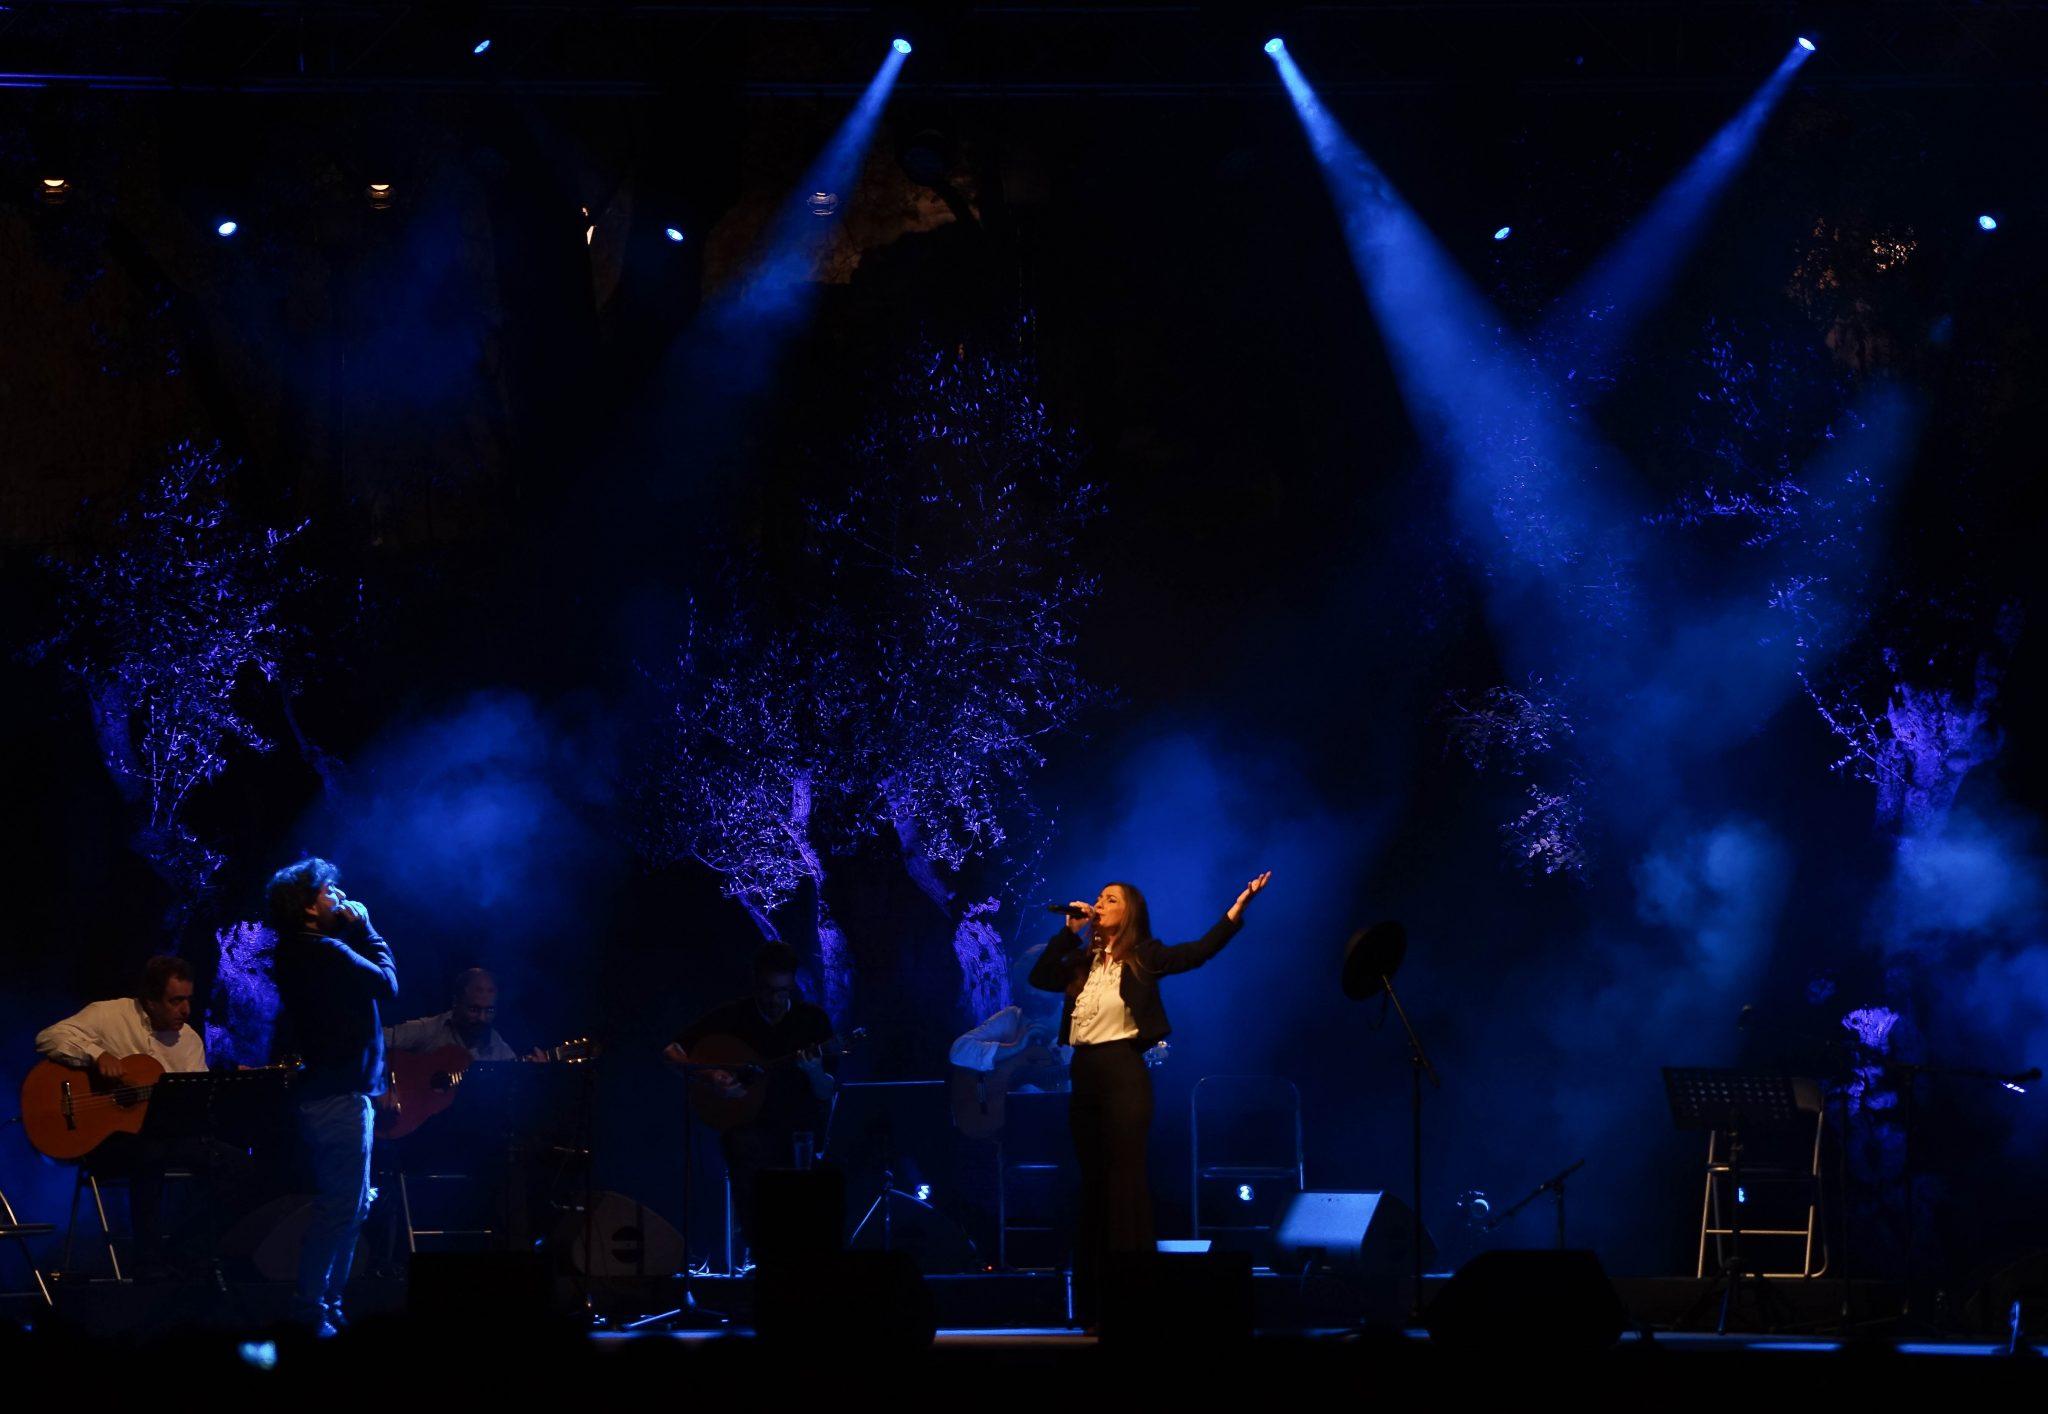 Ana Sofia Varela ao centro da imagem canta acompanhada no palco do Castelo de S. Jorge, iluminado em tons de azul